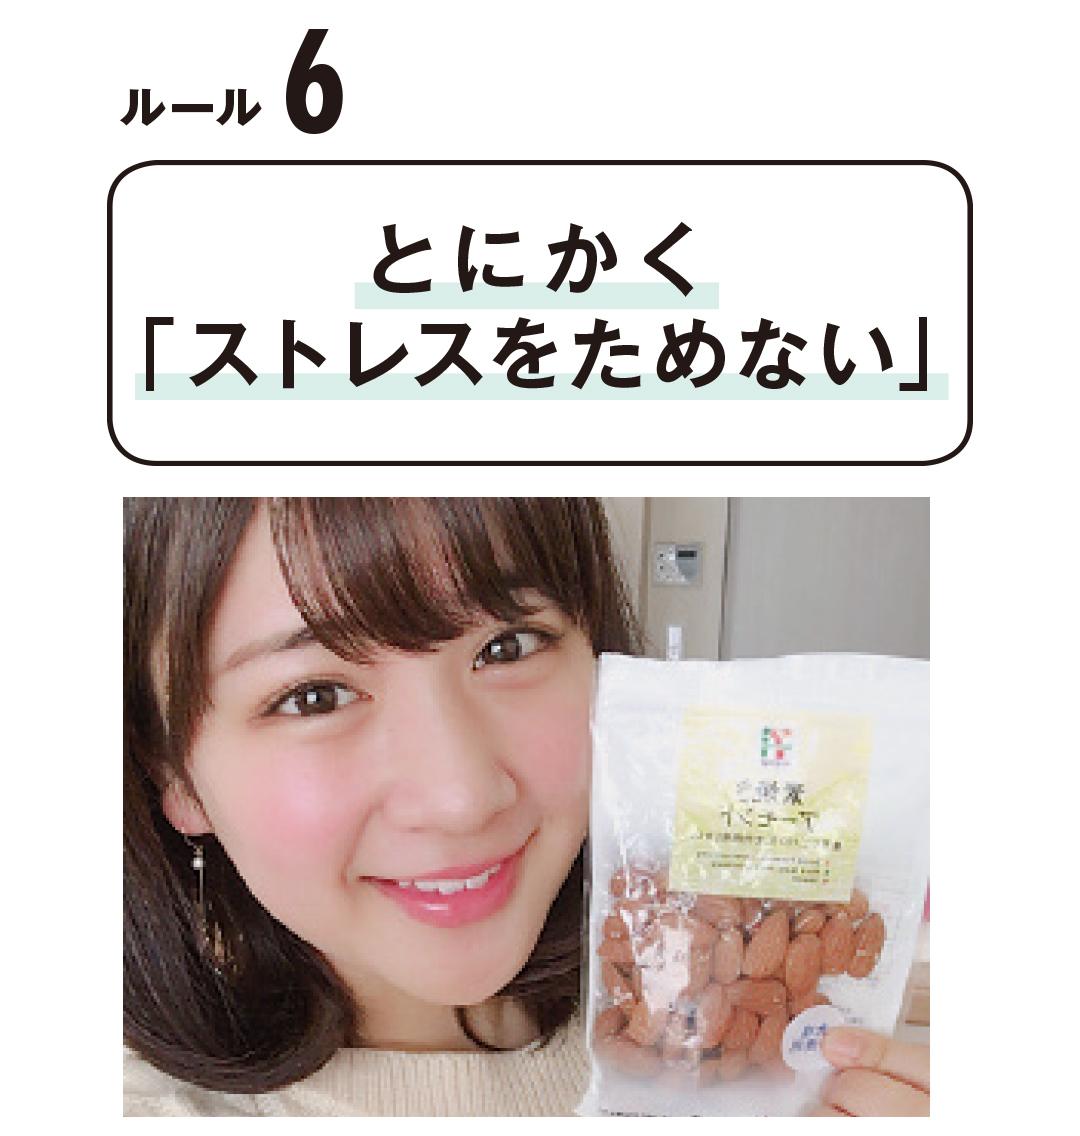 食べ物で痩せたい人必見! 専属読モ・細野ゆうかさんが-3.6kgを達成した6つのルール_1_2-6